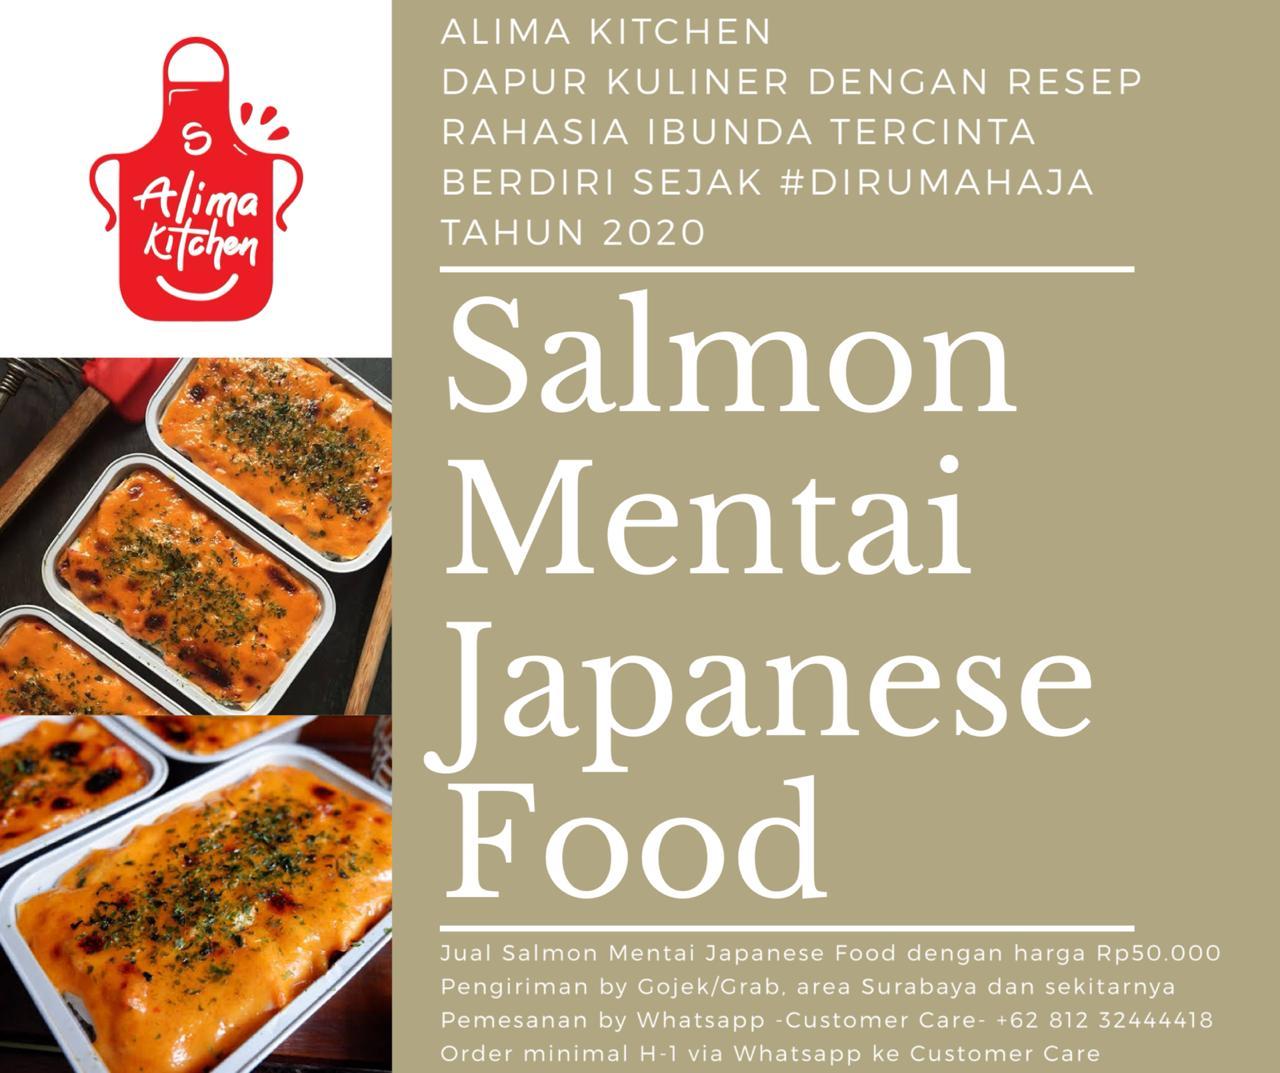 Salmon Mentai by Alima Kitchen